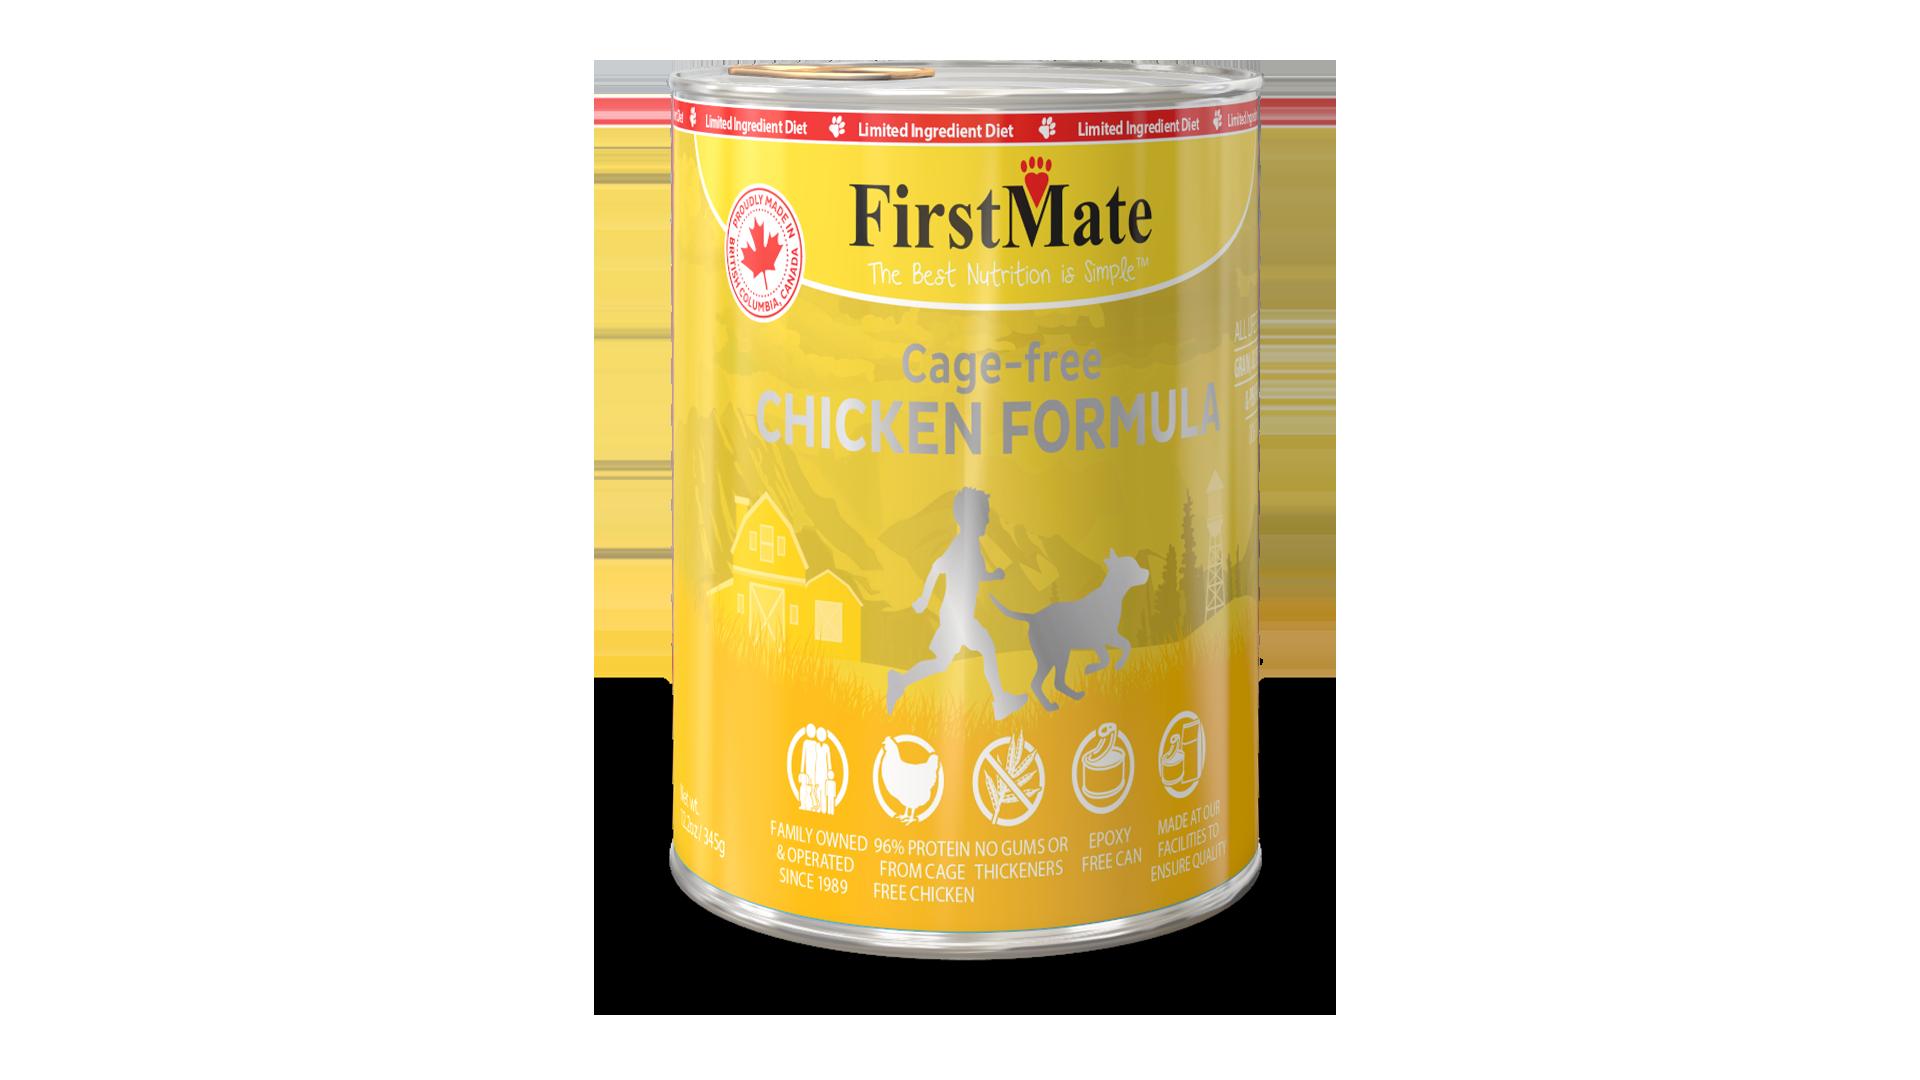 FirstMate FirstMate Limited Ingredient Diet Free Run Chicken Wet Dog Food 12.2oz